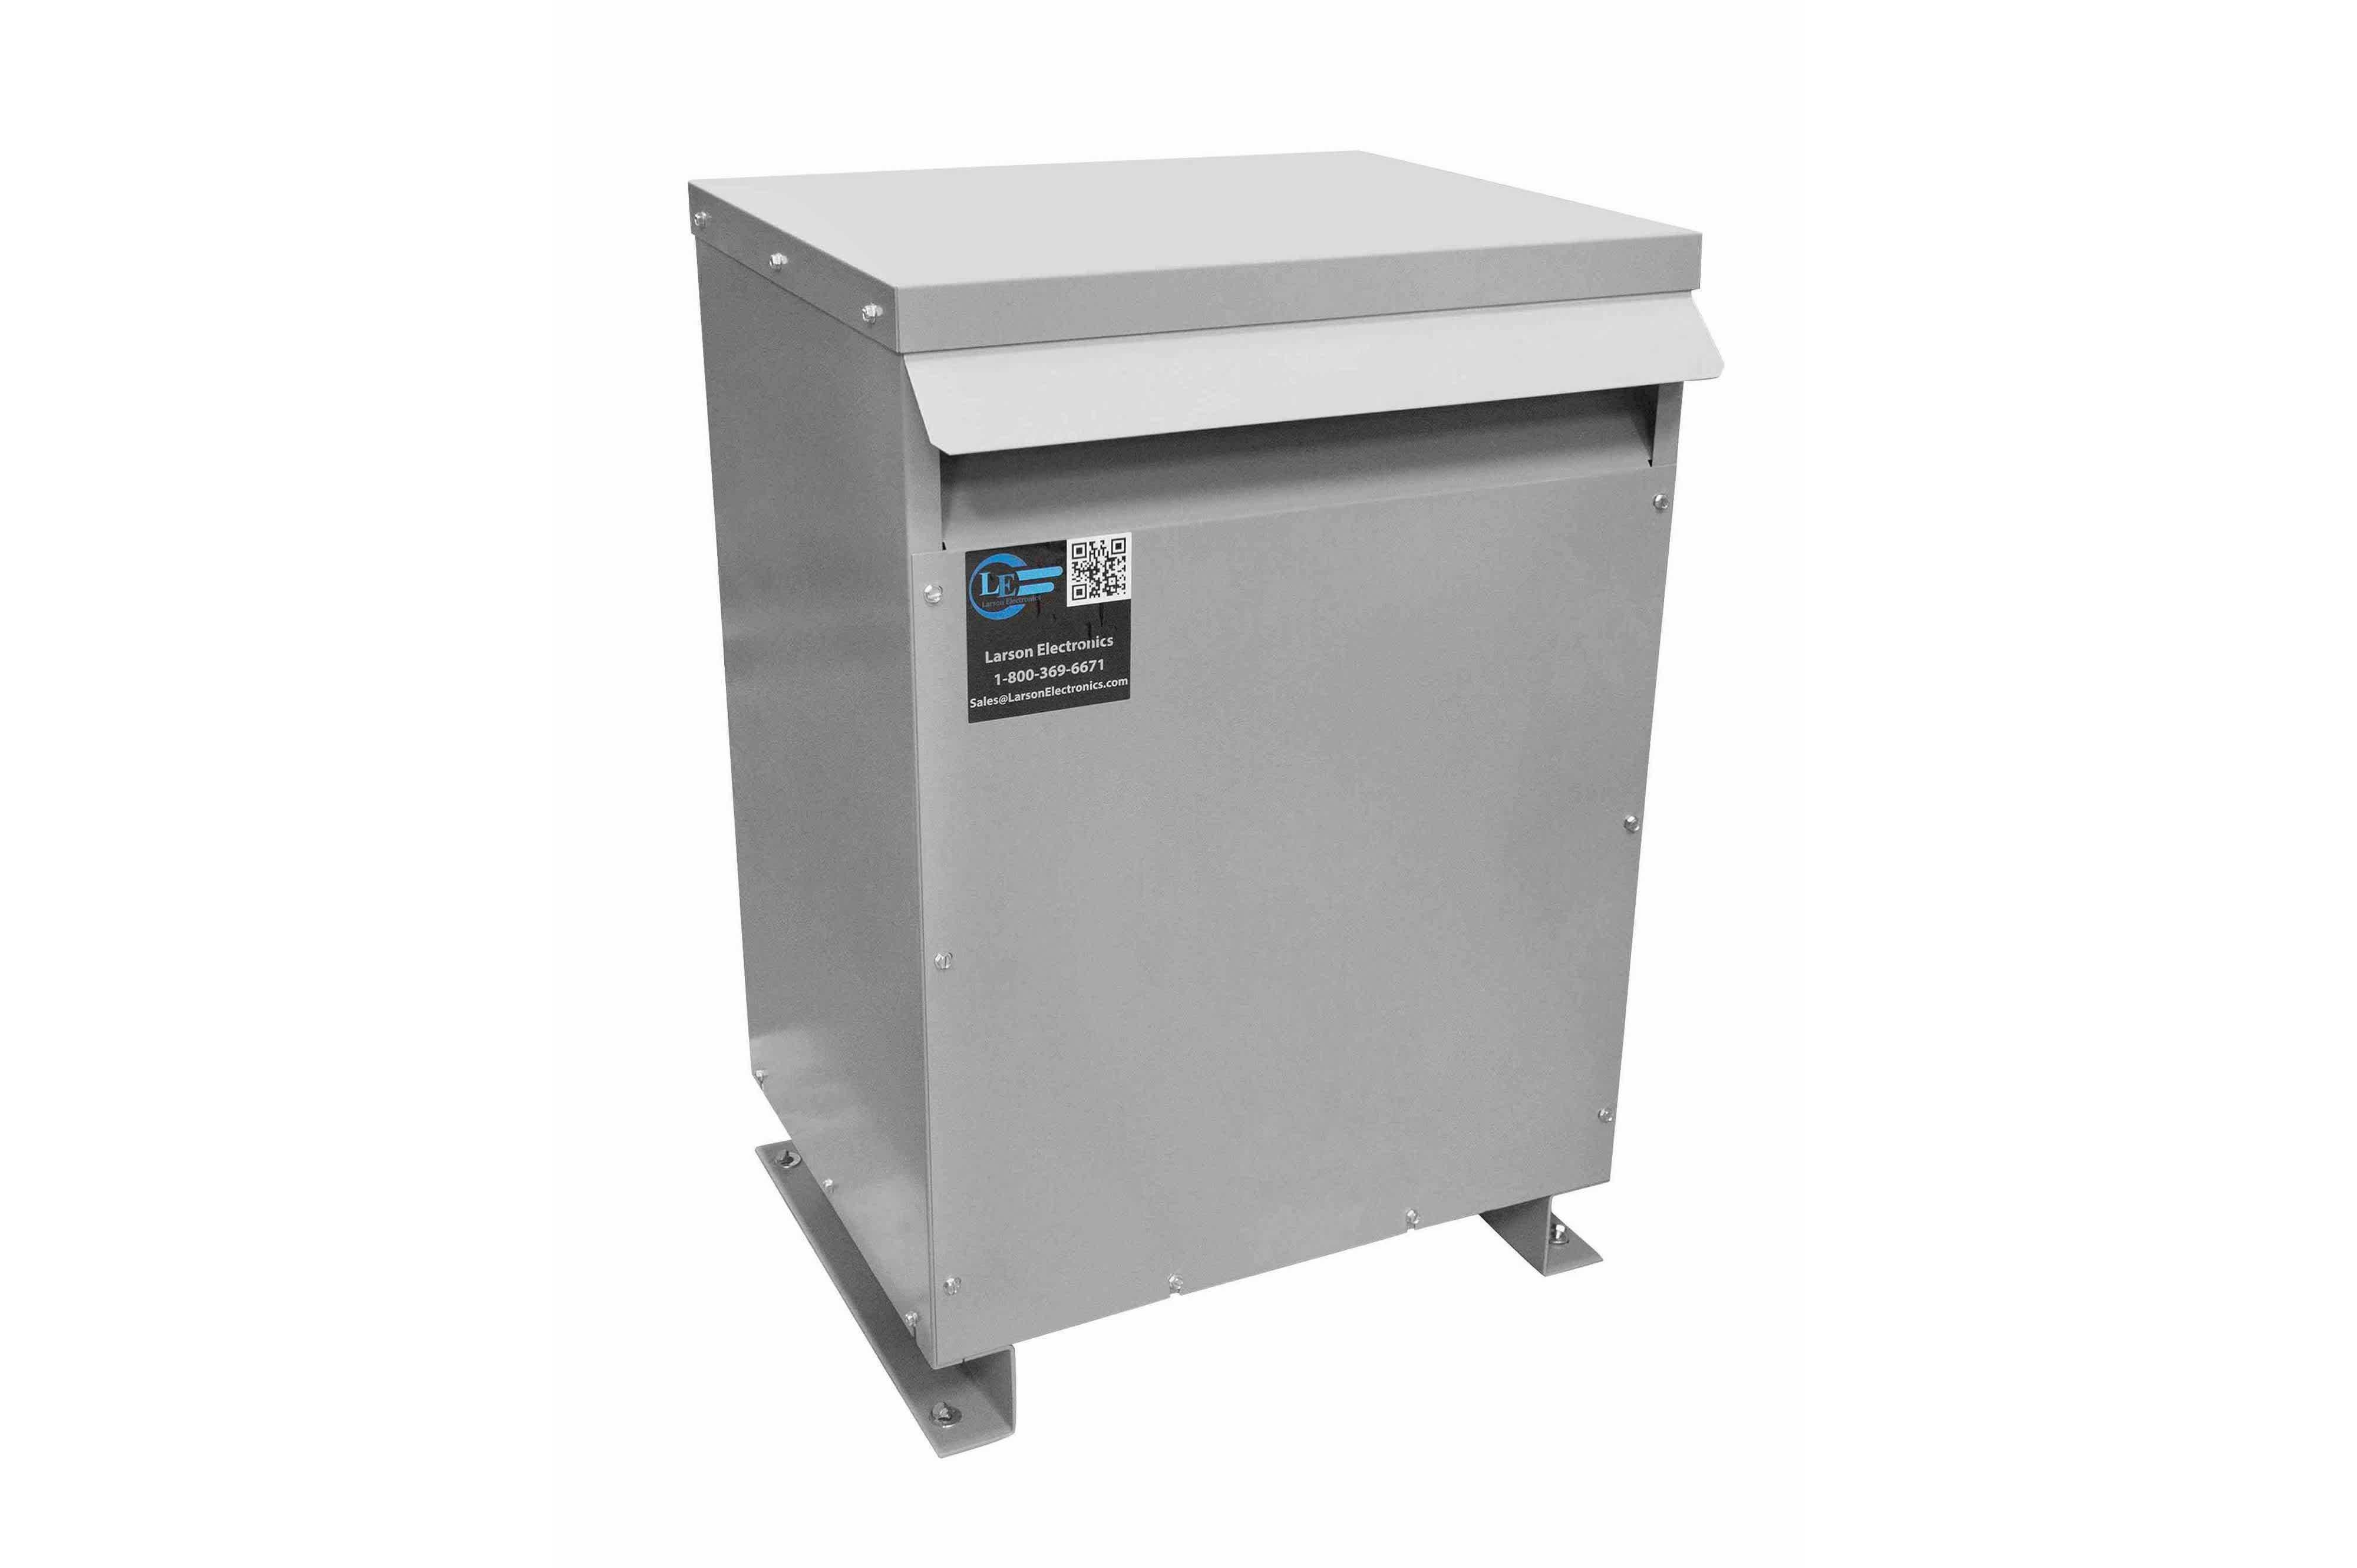 10 kVA 3PH Isolation Transformer, 208V Delta Primary, 415V Delta Secondary, N3R, Ventilated, 60 Hz